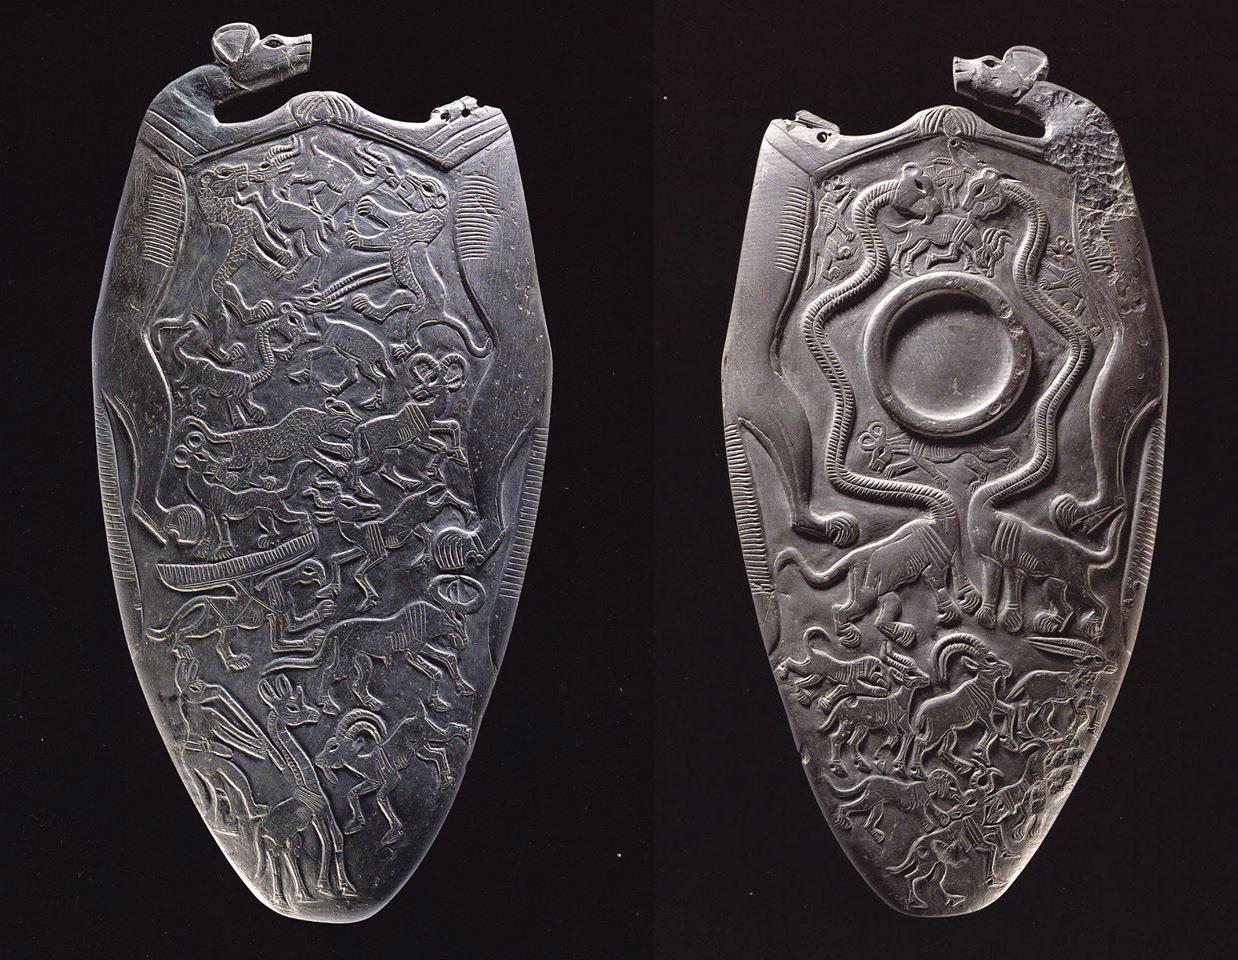 Paleta dwóch psów. znajdziecie ją w Ashmolean Museum, University of Oxford pod no. E3294 Źródło - Grand Egyptian Museum strona na Facebooku